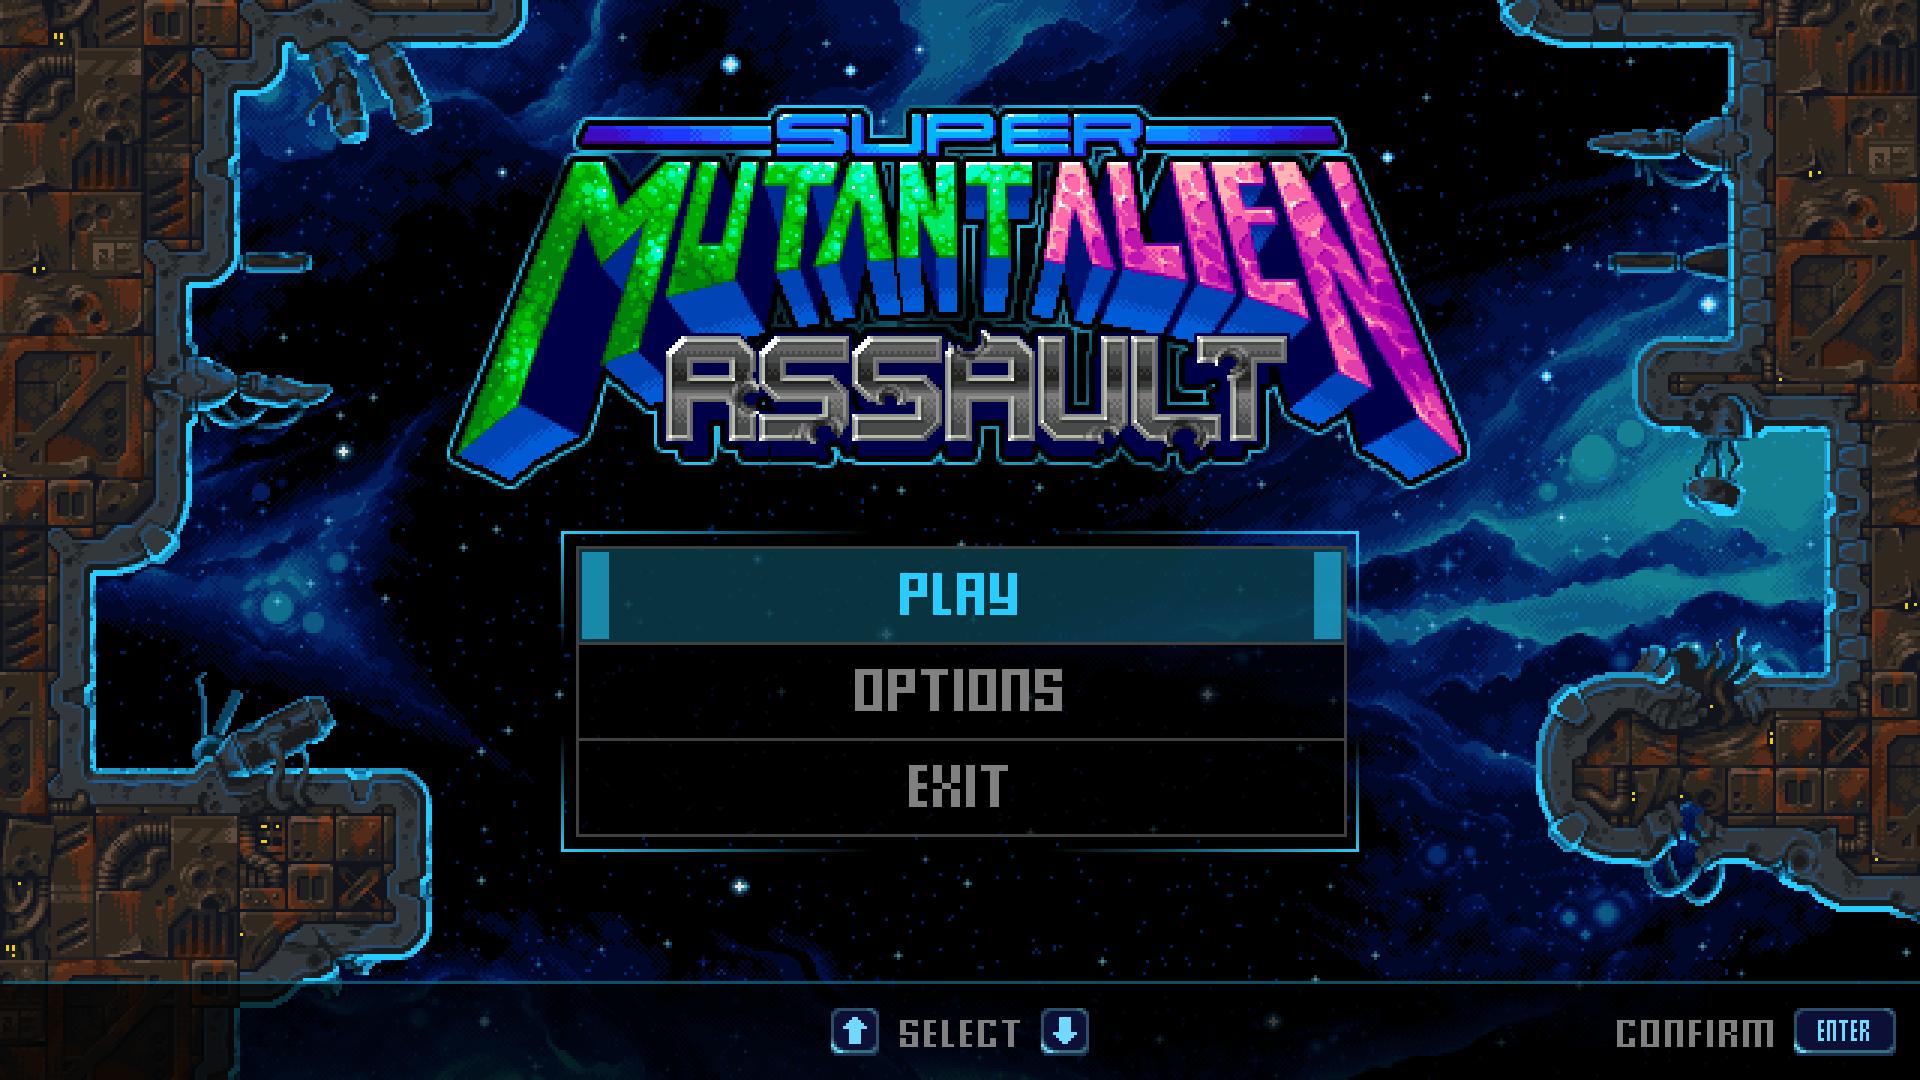 Super Mutant Header